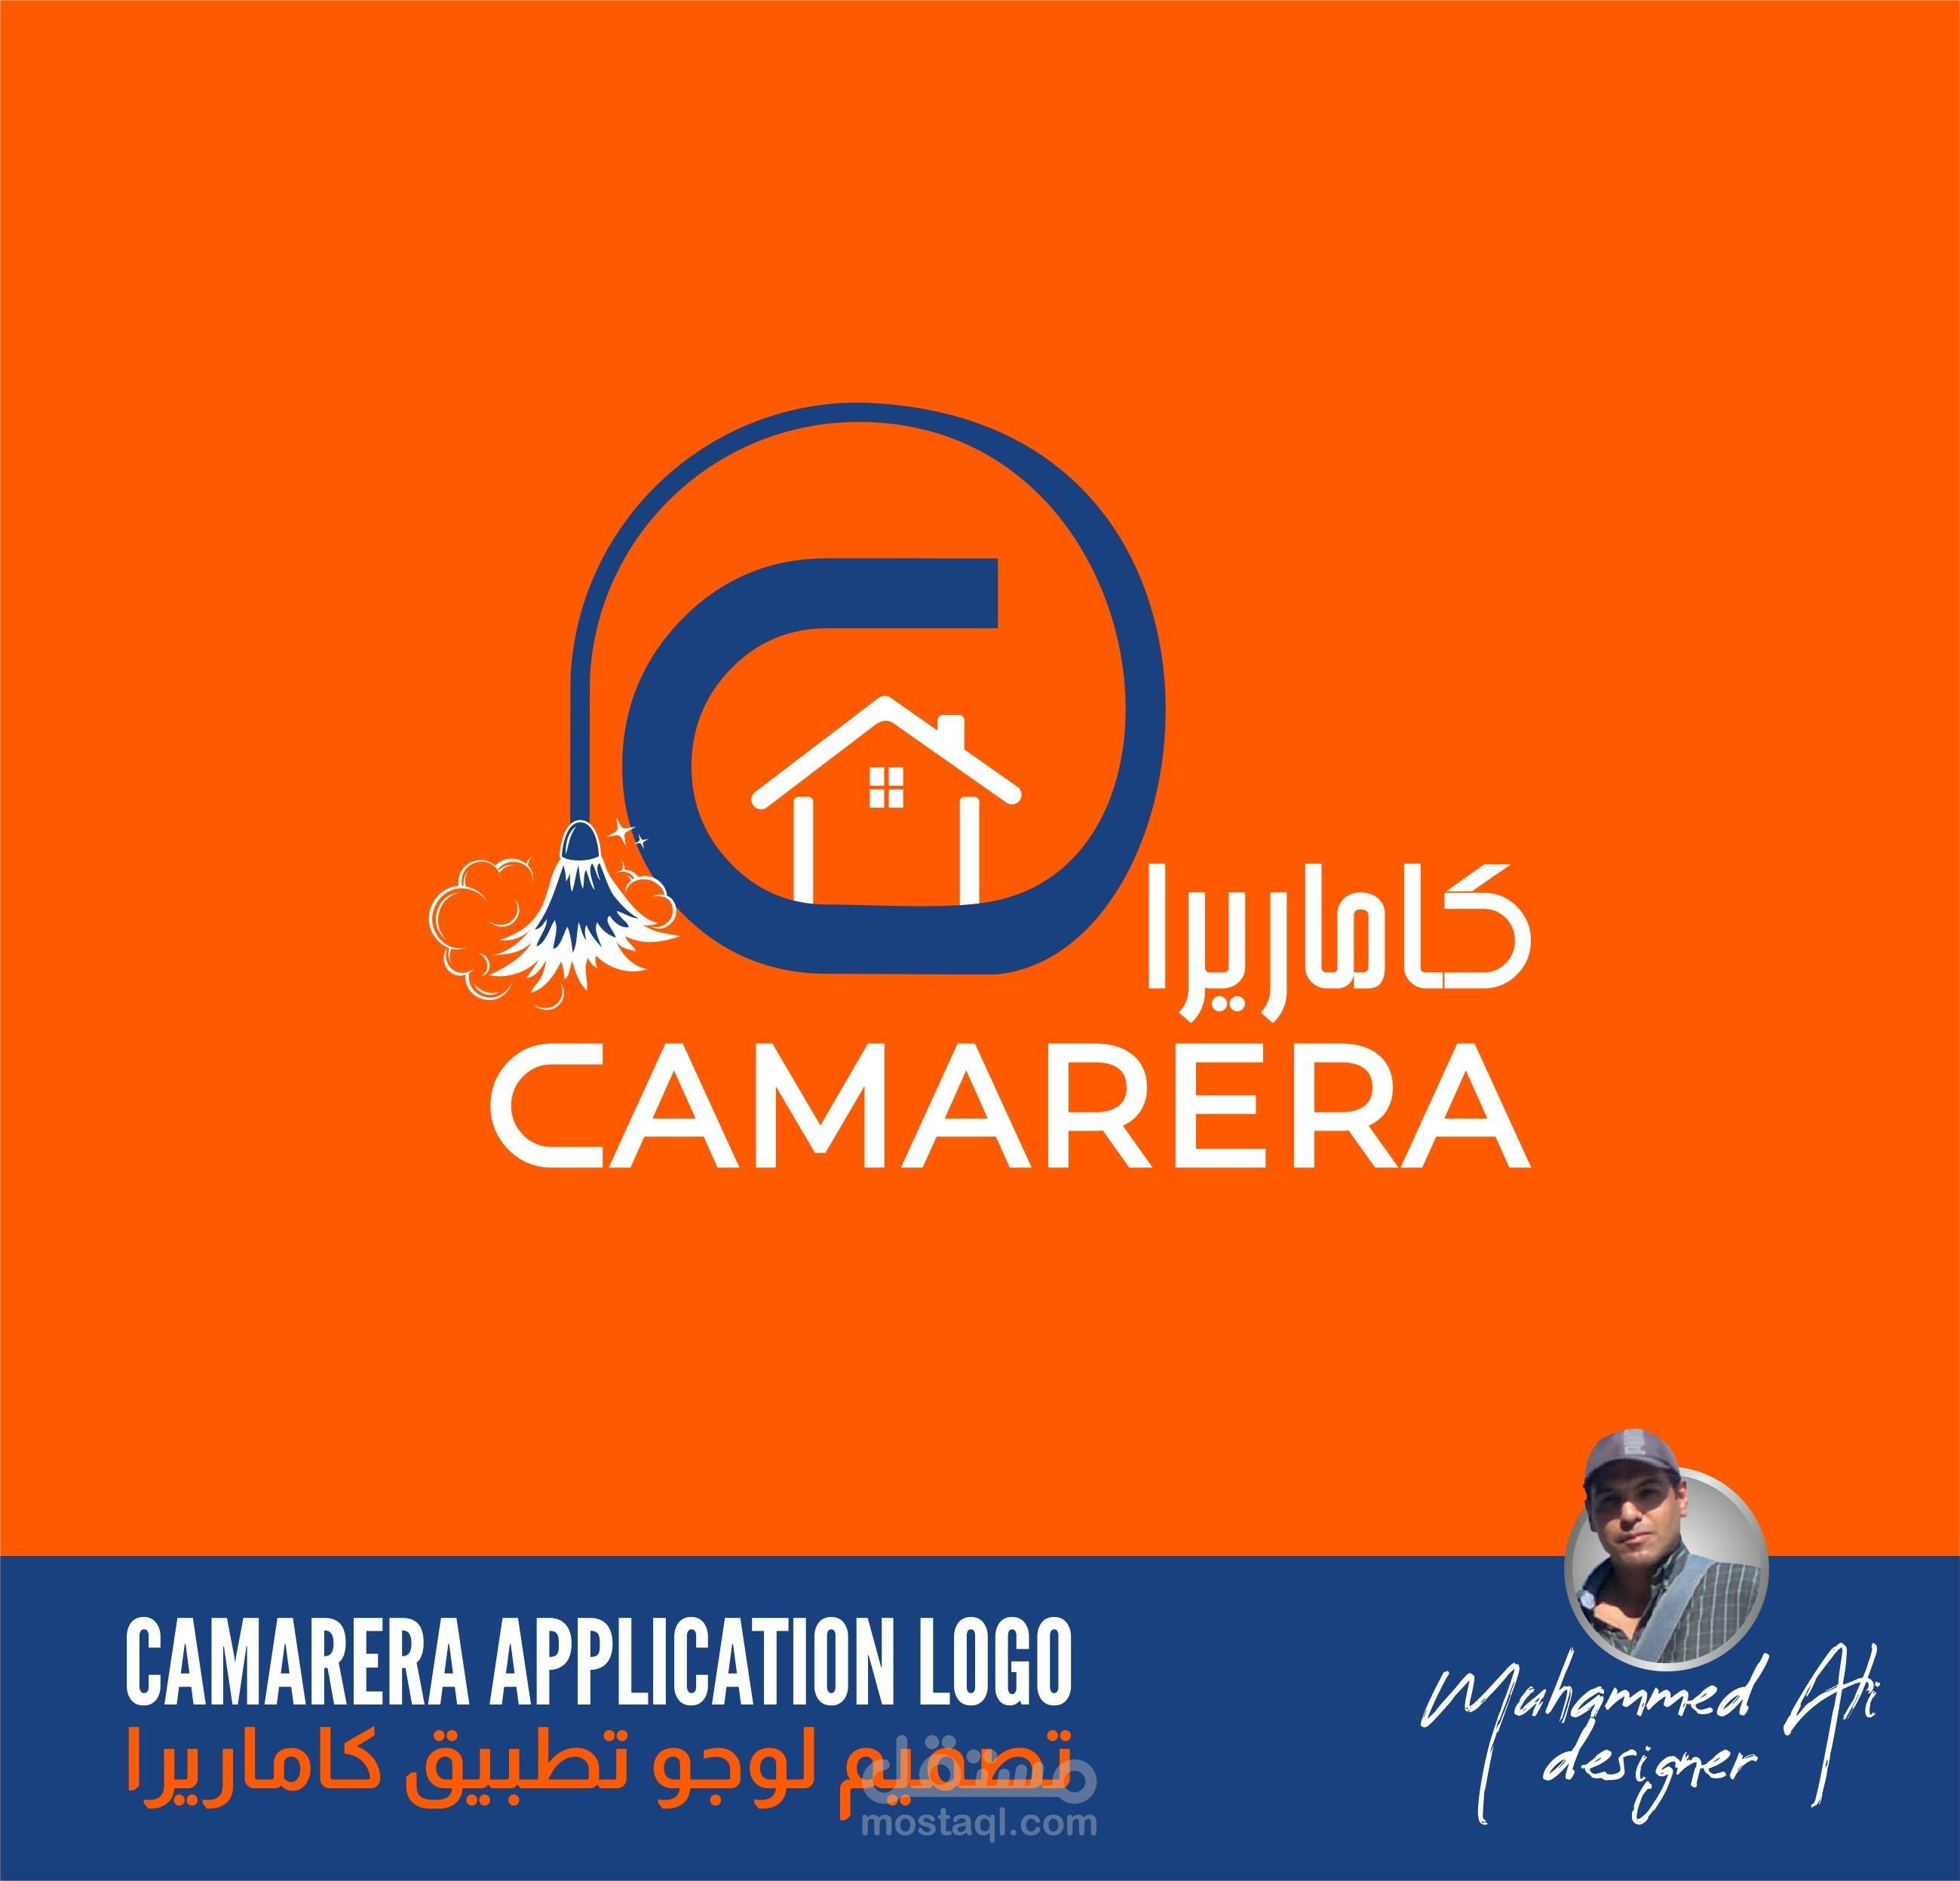 تصميم شعار تطبيق كاماريرا